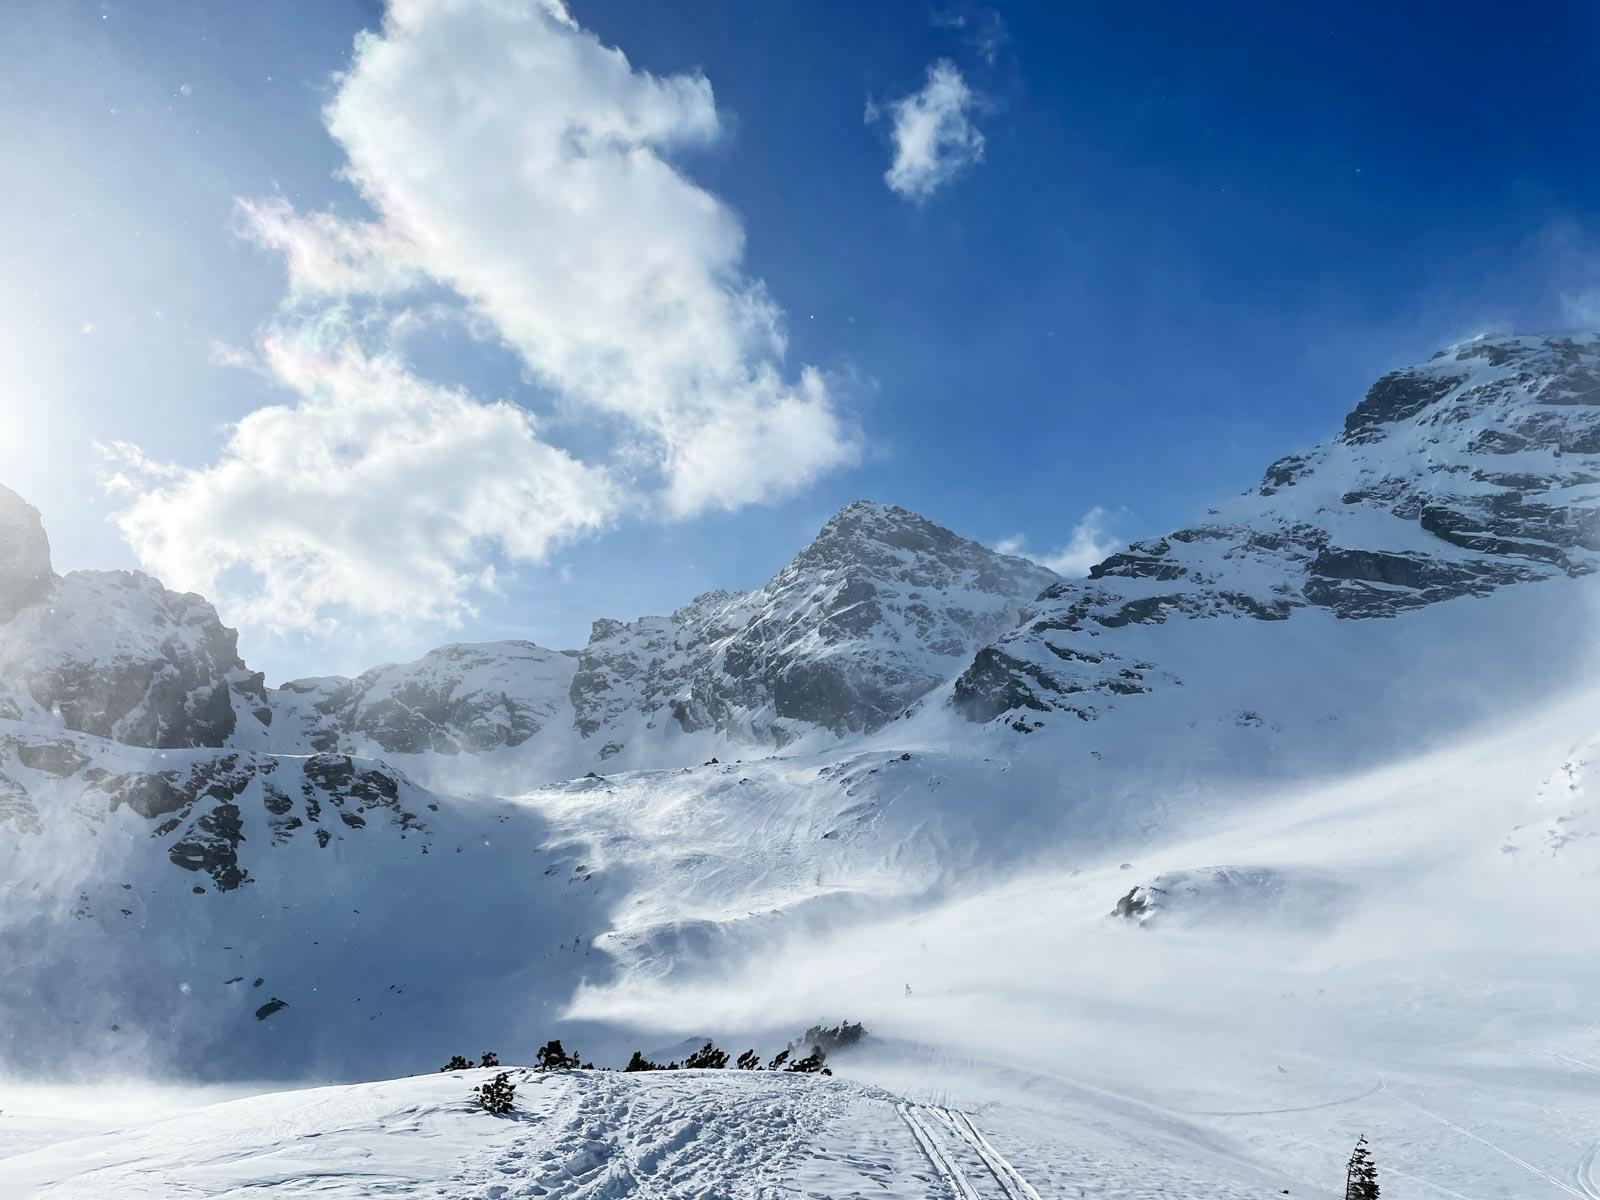 Zima w Tatrach - kwiecień 2021